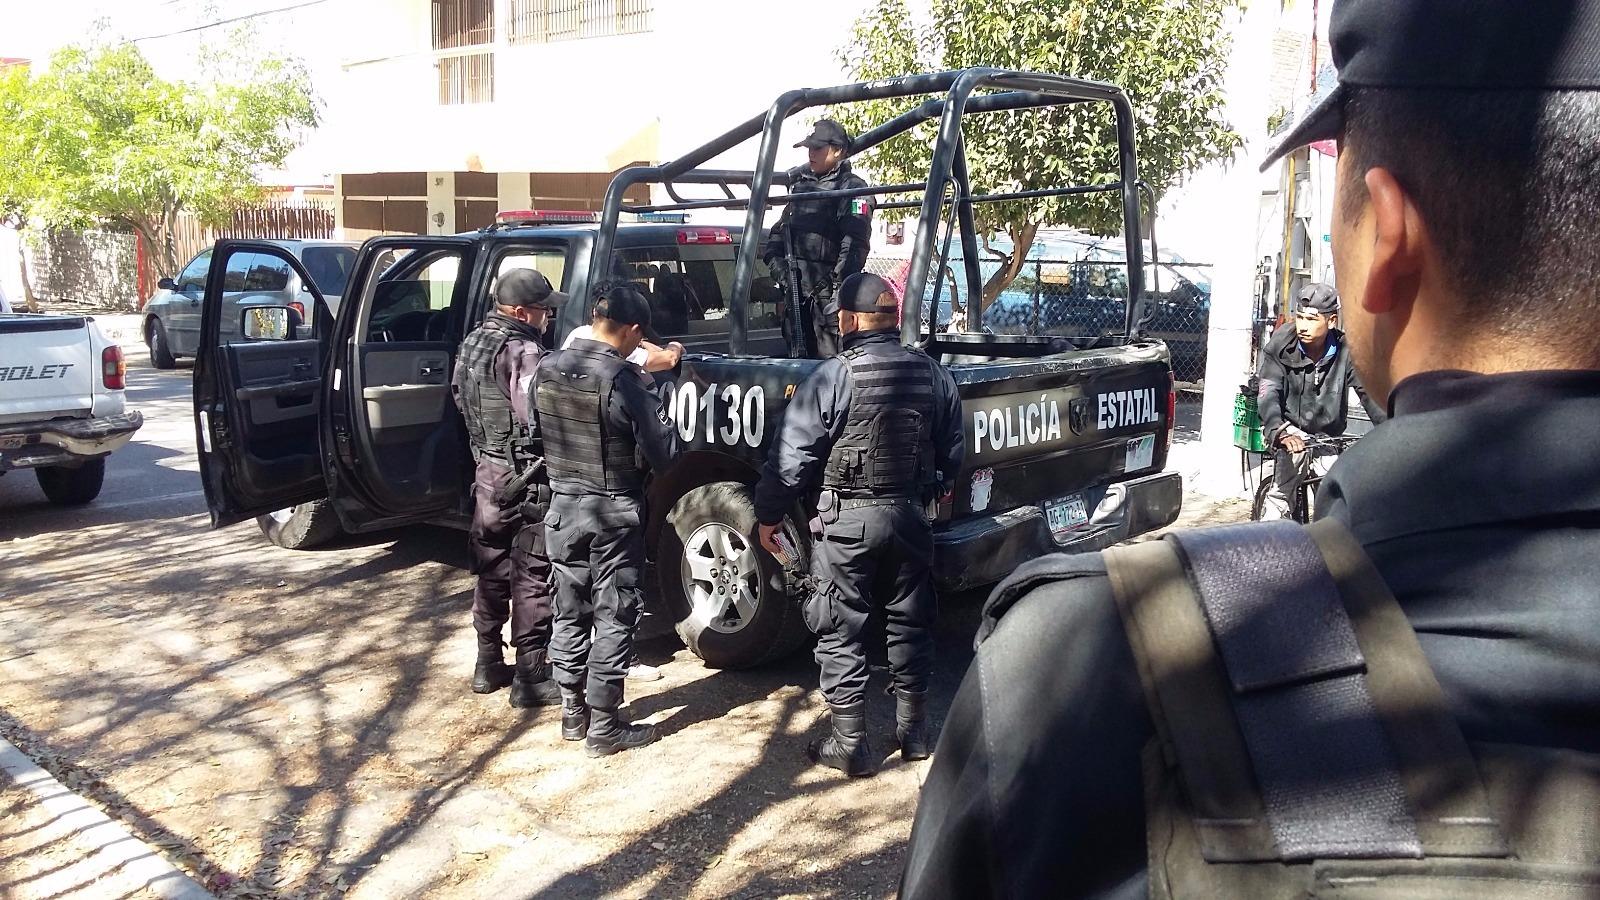 Han detenido a 10 colombianos ilegales en Aguascalientes, en el mes de febrero